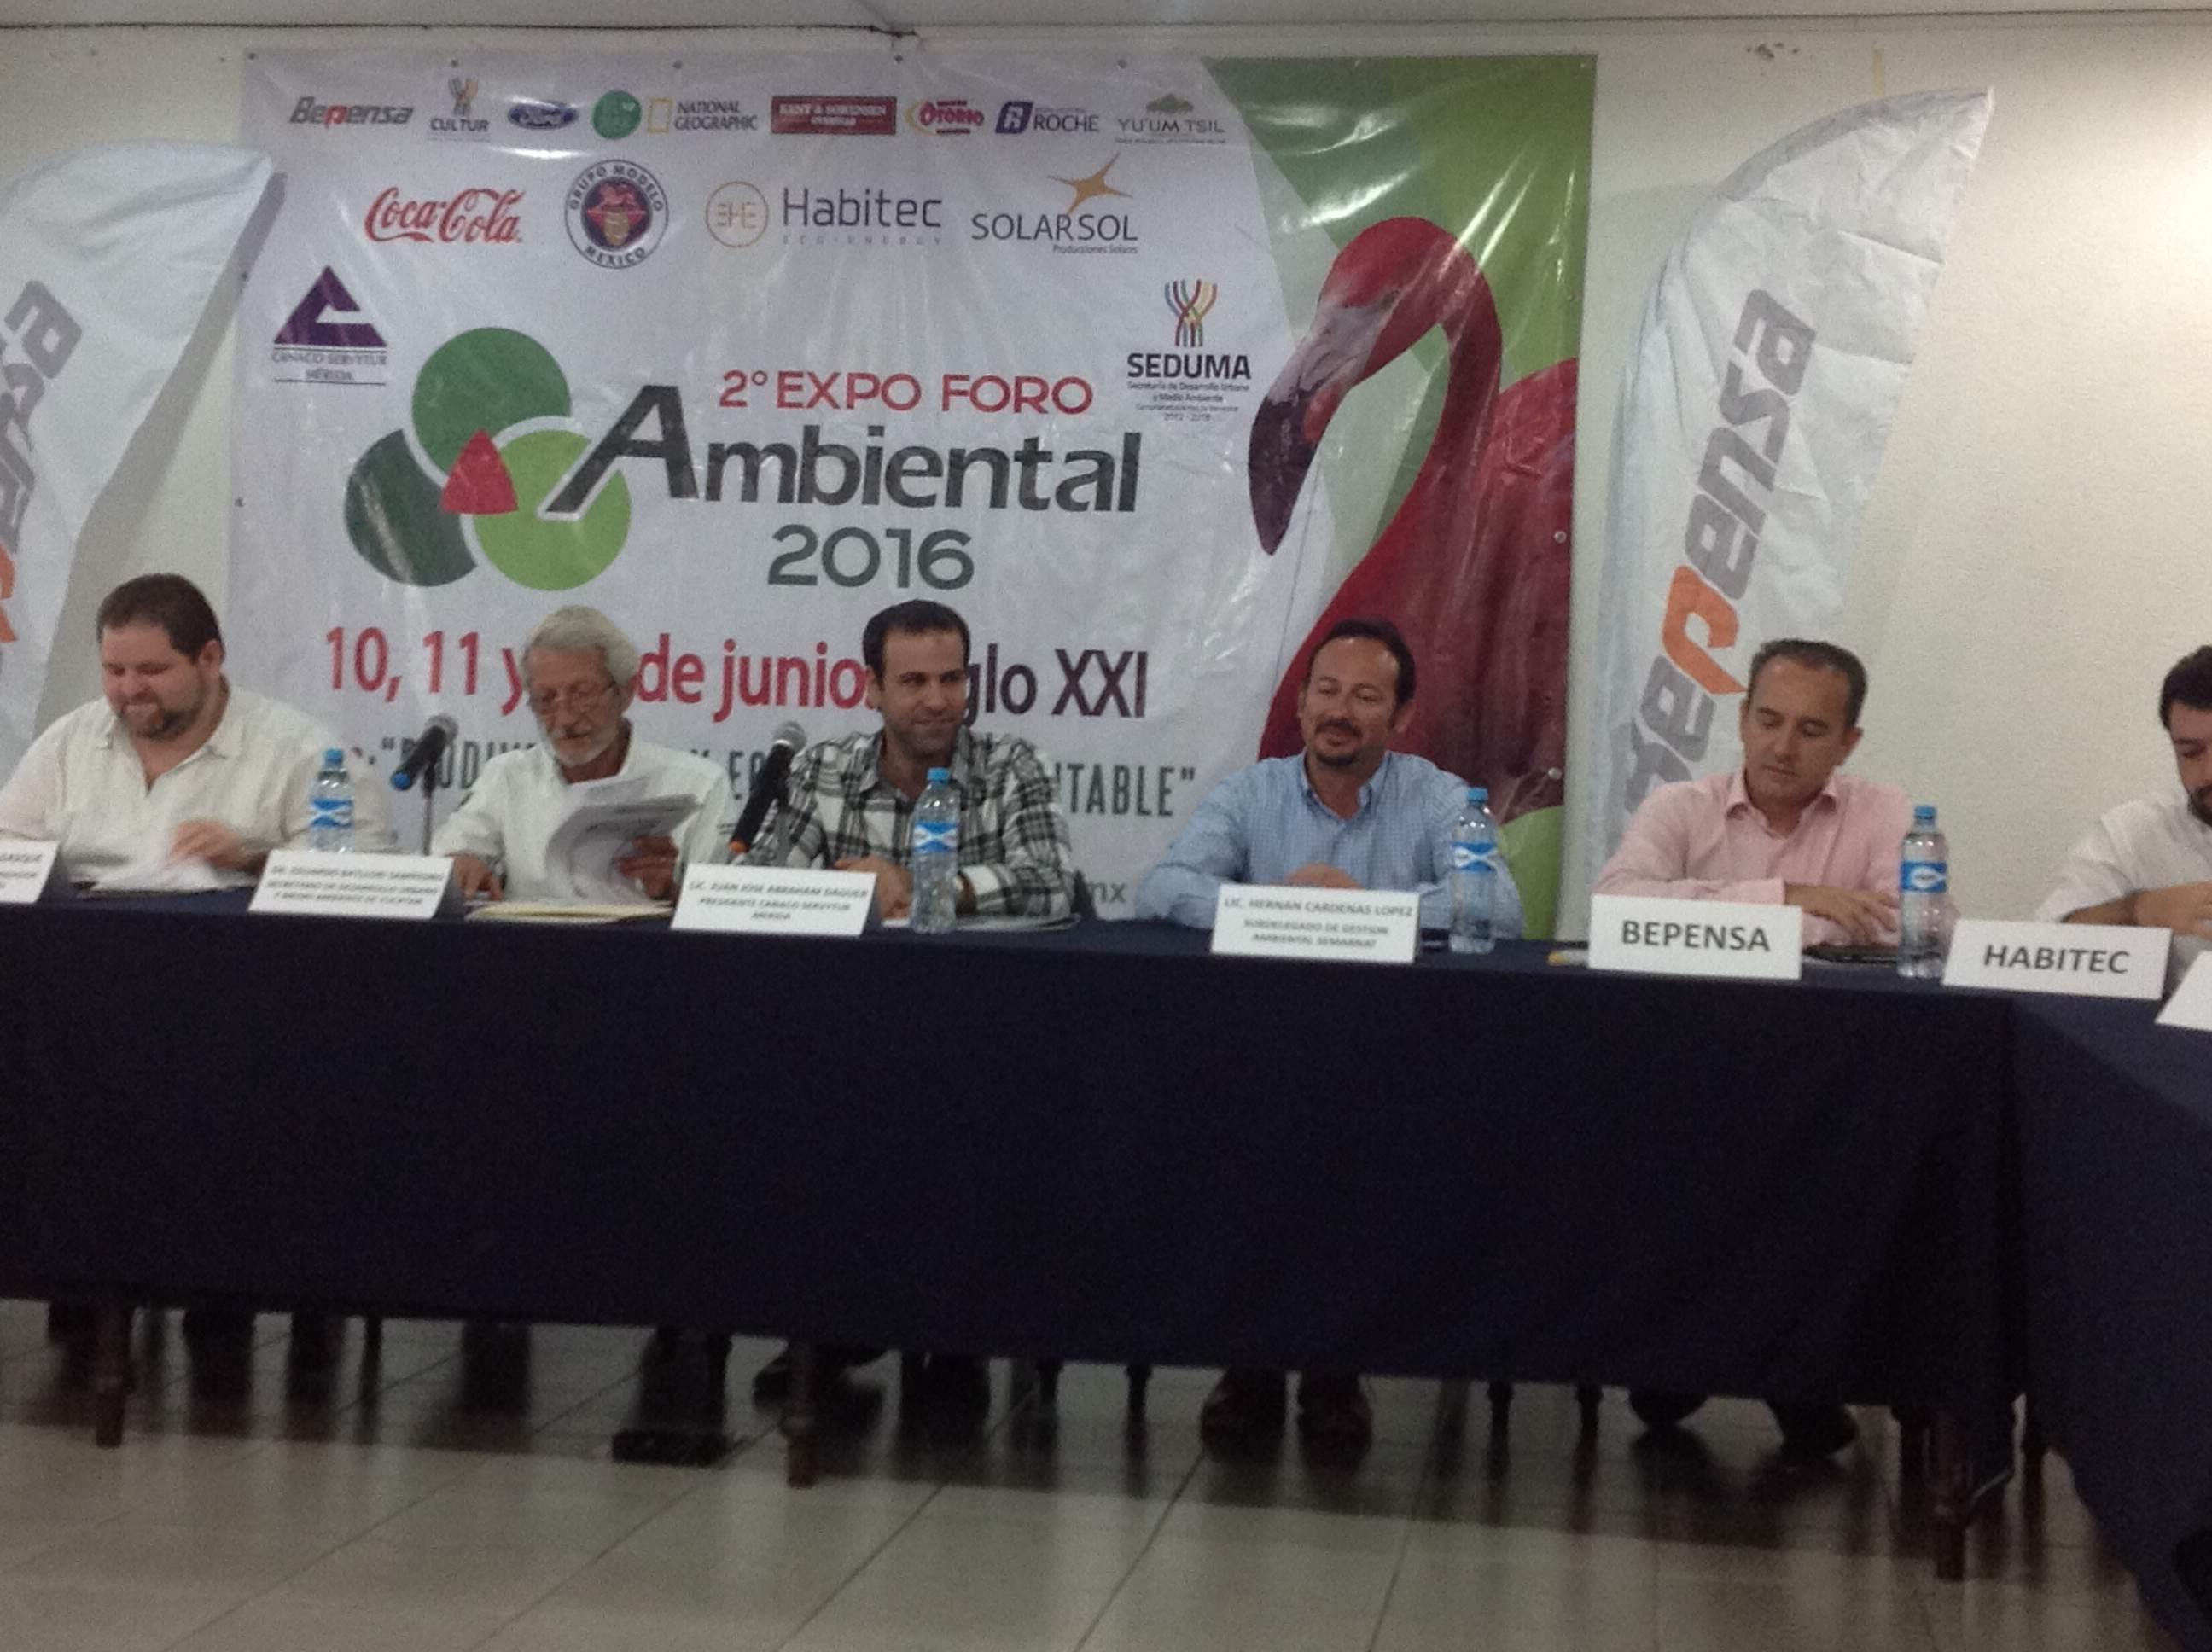 Cine por medio ambiente en Expo Foro 2016